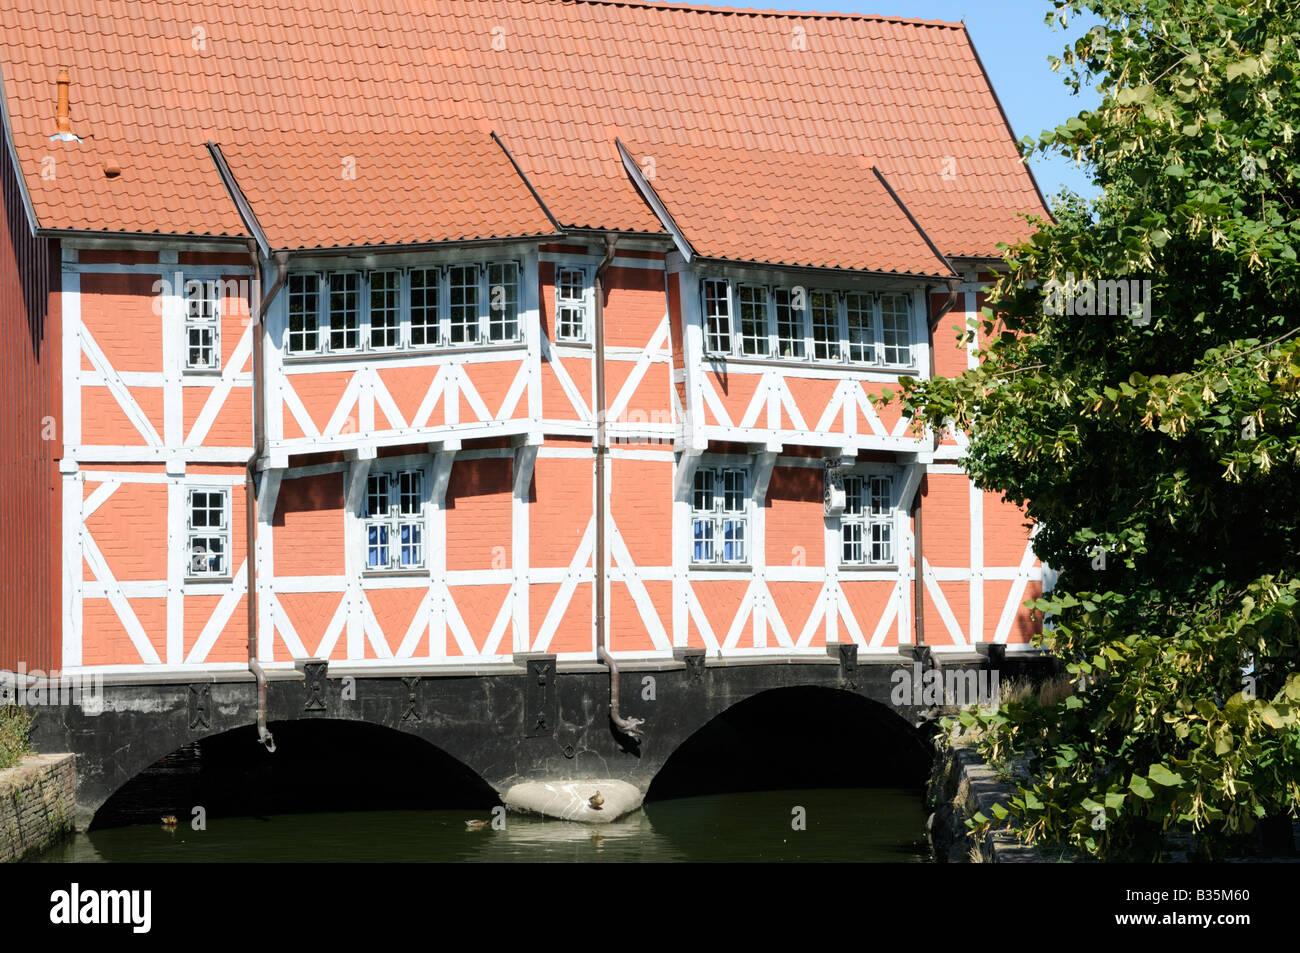 Fachwerkhaus genannt Gewölbe Wismar Deutschland Half timbered house called Gewoelbe Wismar Germany Stock Photo